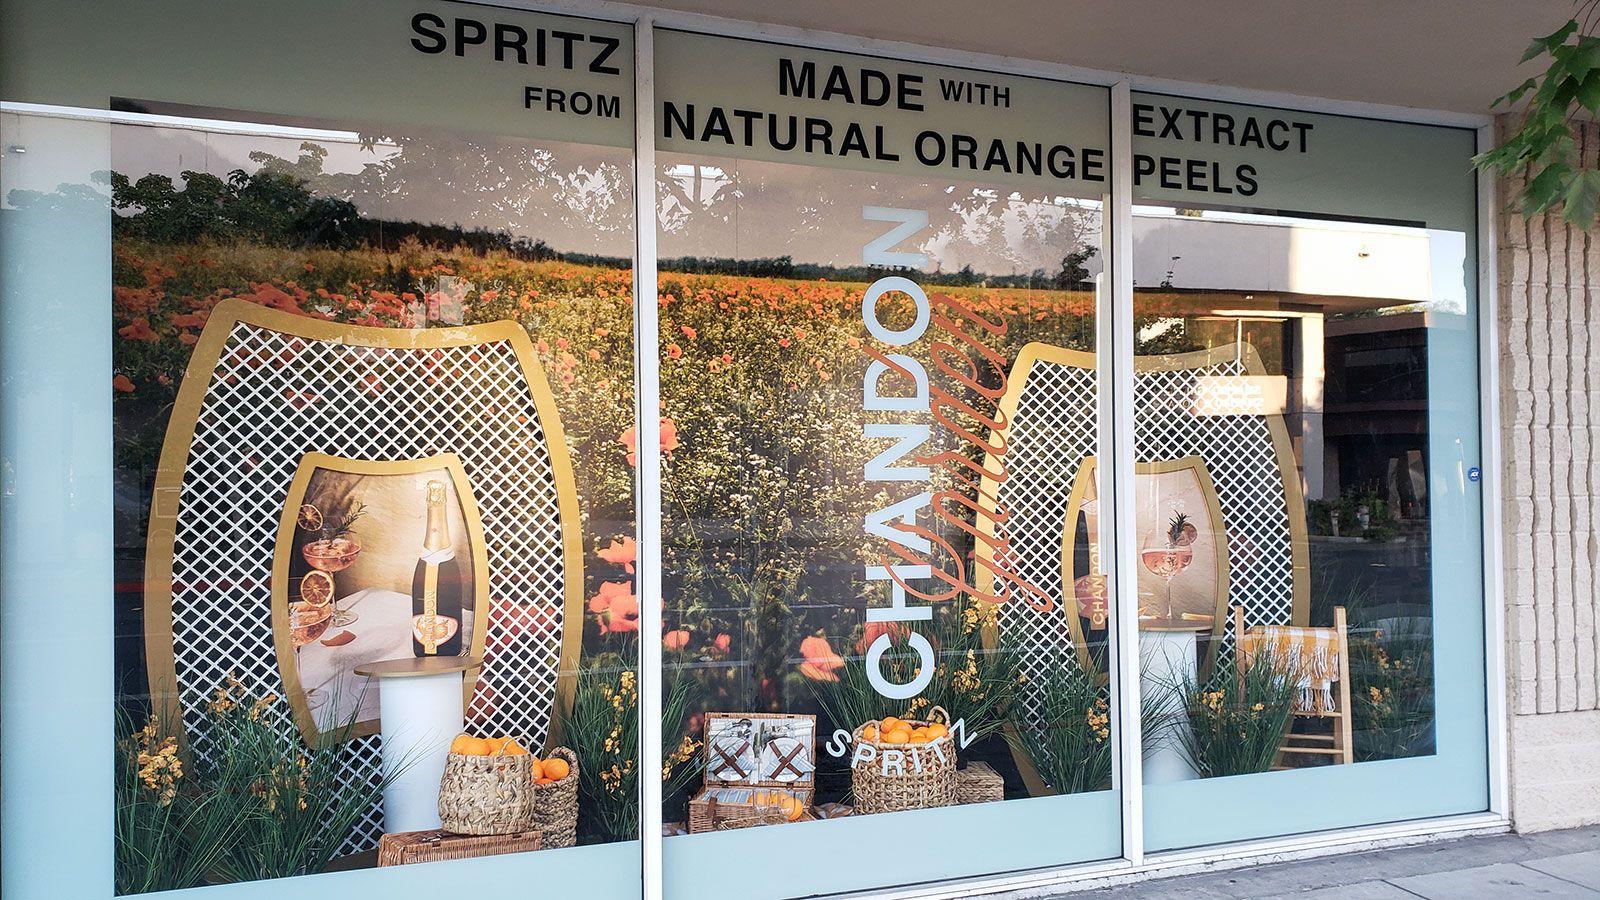 Chandon garden spritz store signs